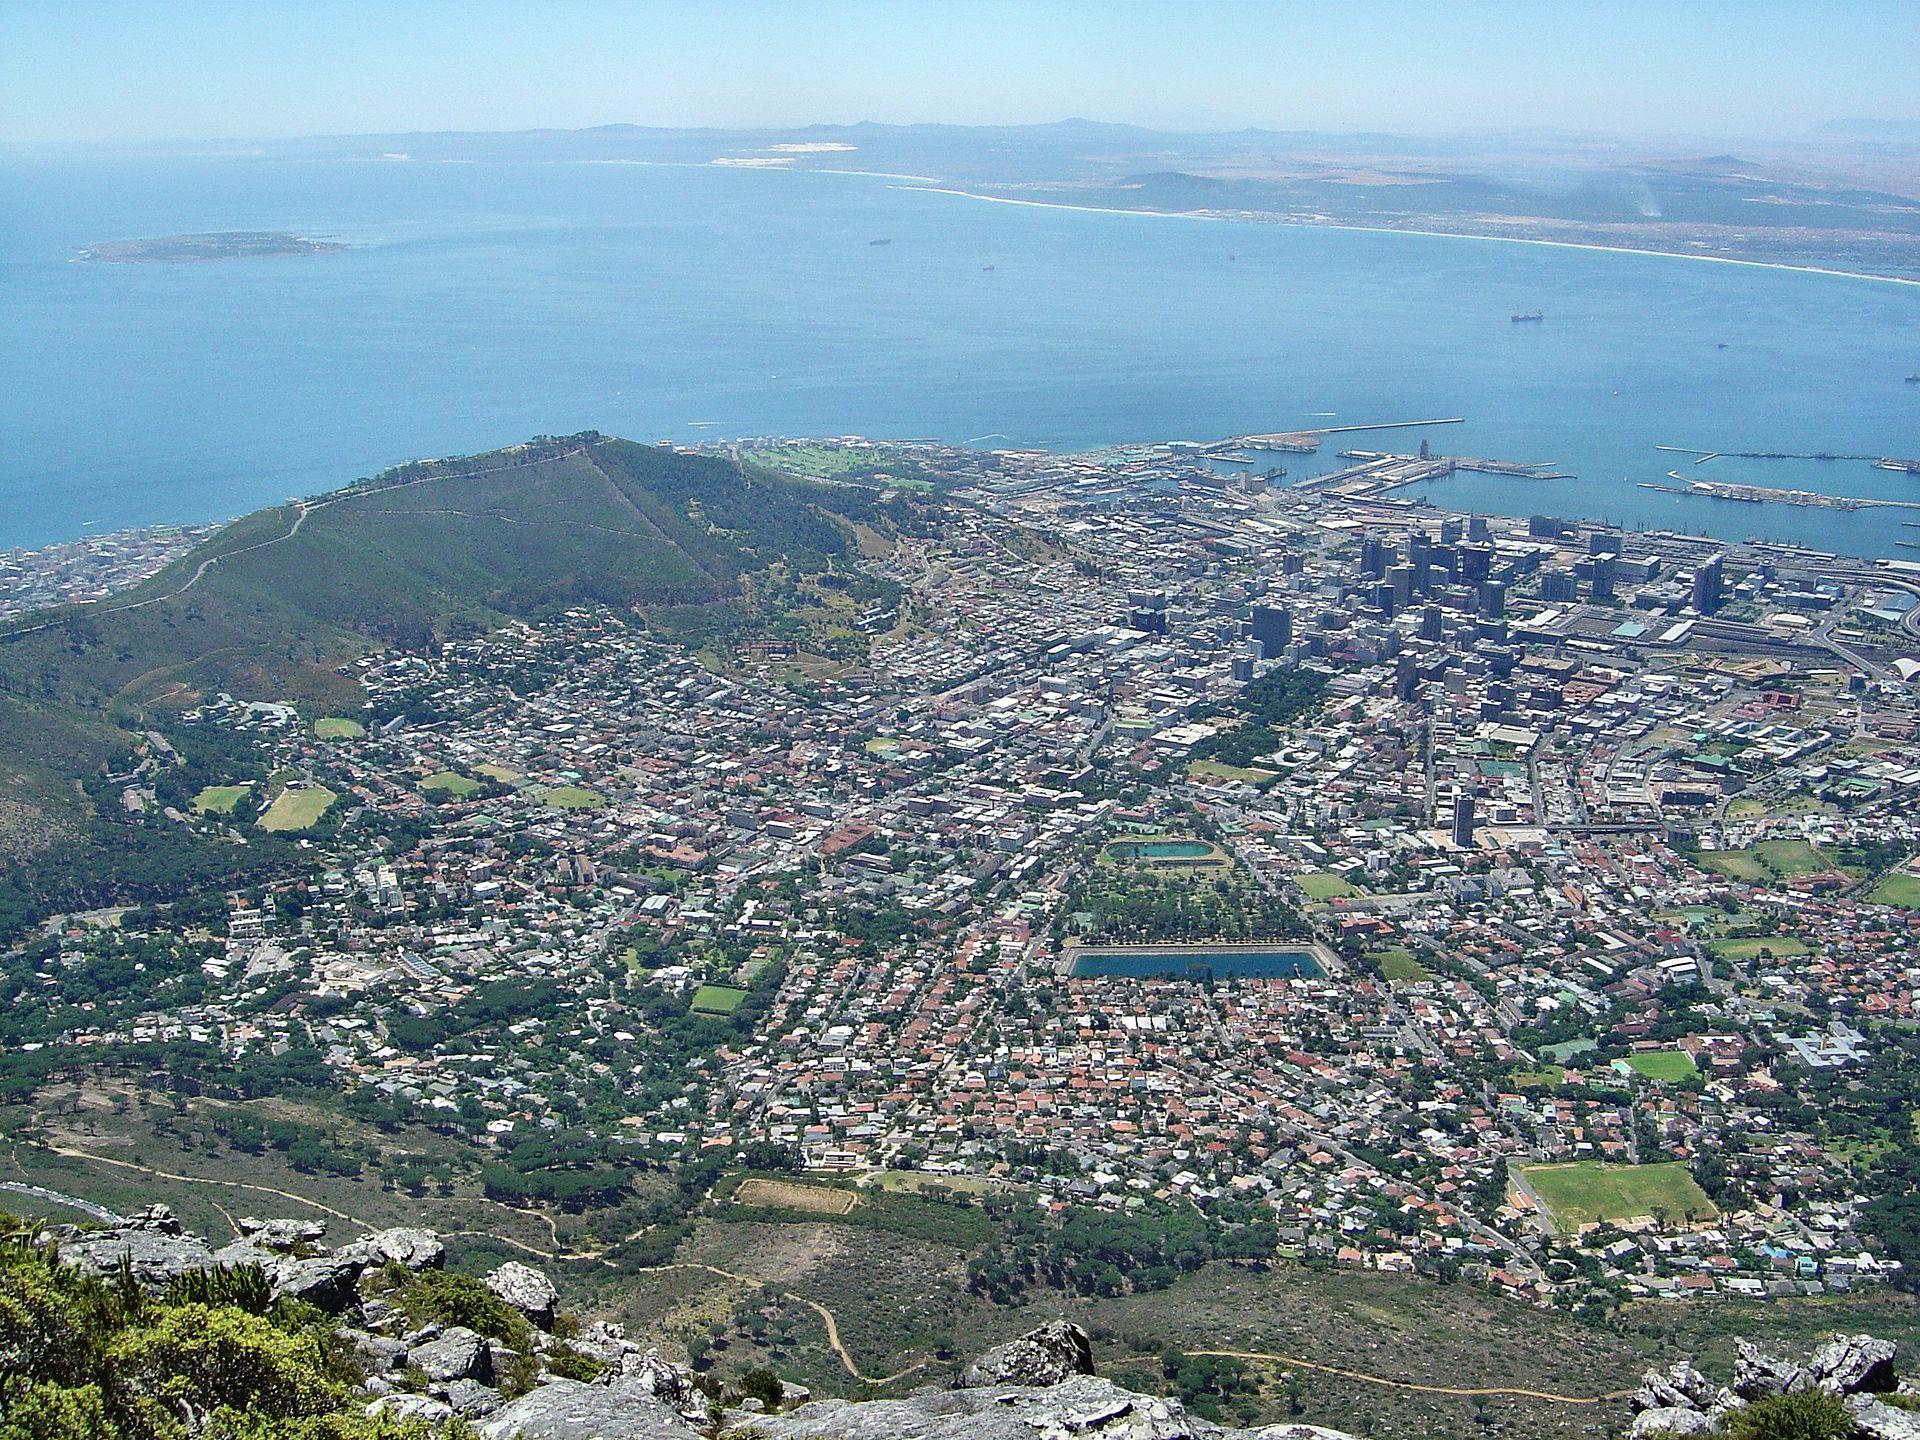 Cape Town City Council Building Regulations